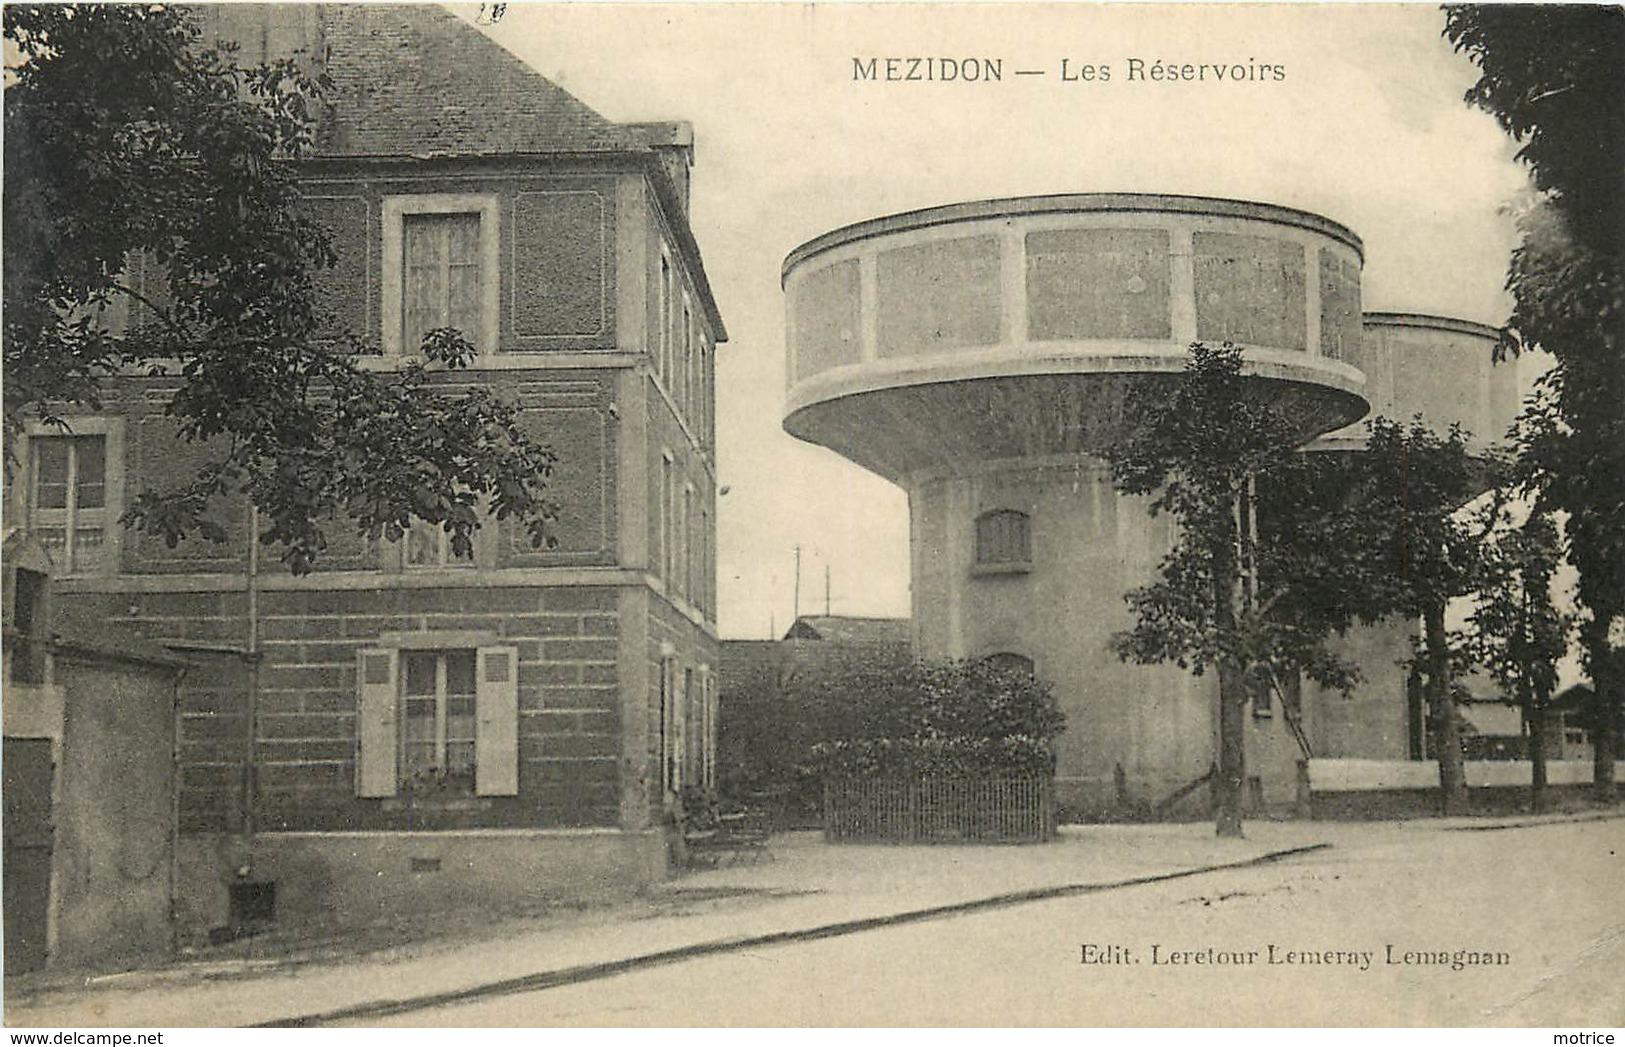 MEZIDON - Les Réservoirs, Château D'eau. - Châteaux D'eau & éoliennes